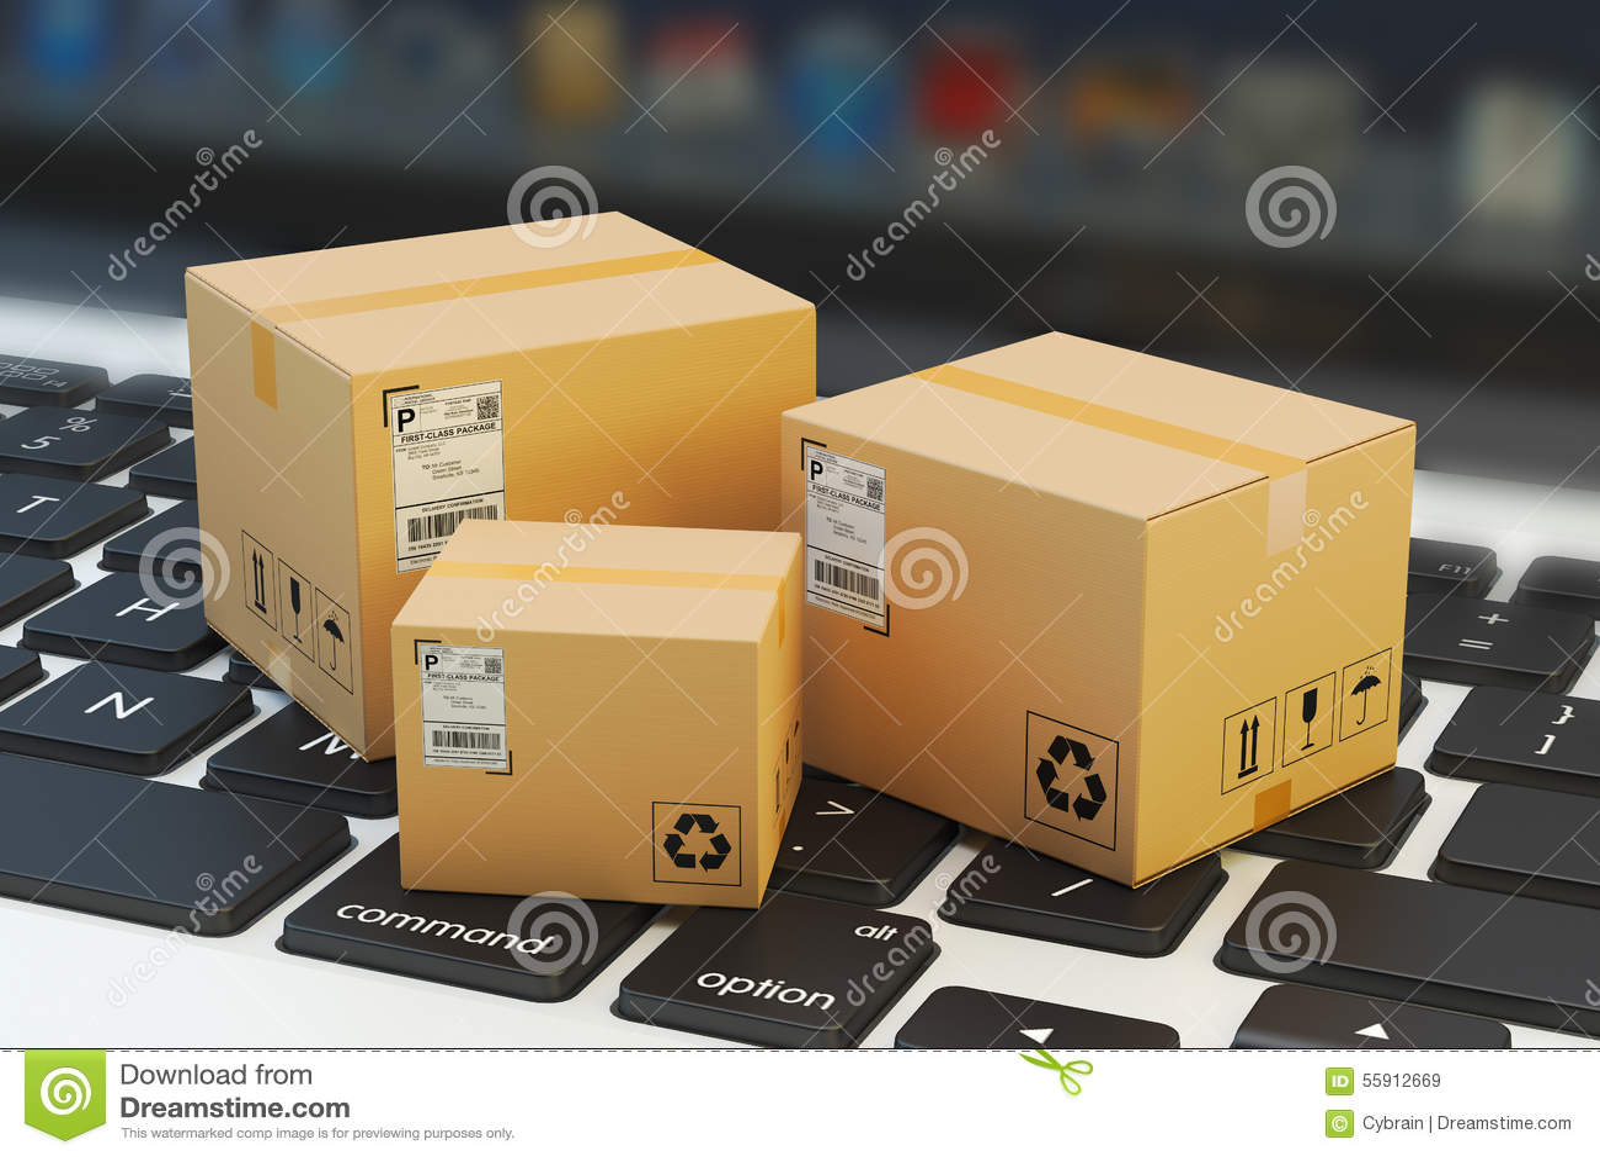 7d327d8e5be343 Acquisto di Internet, concetto online di consegna dell acquisto, di  commercio elettronico e dei